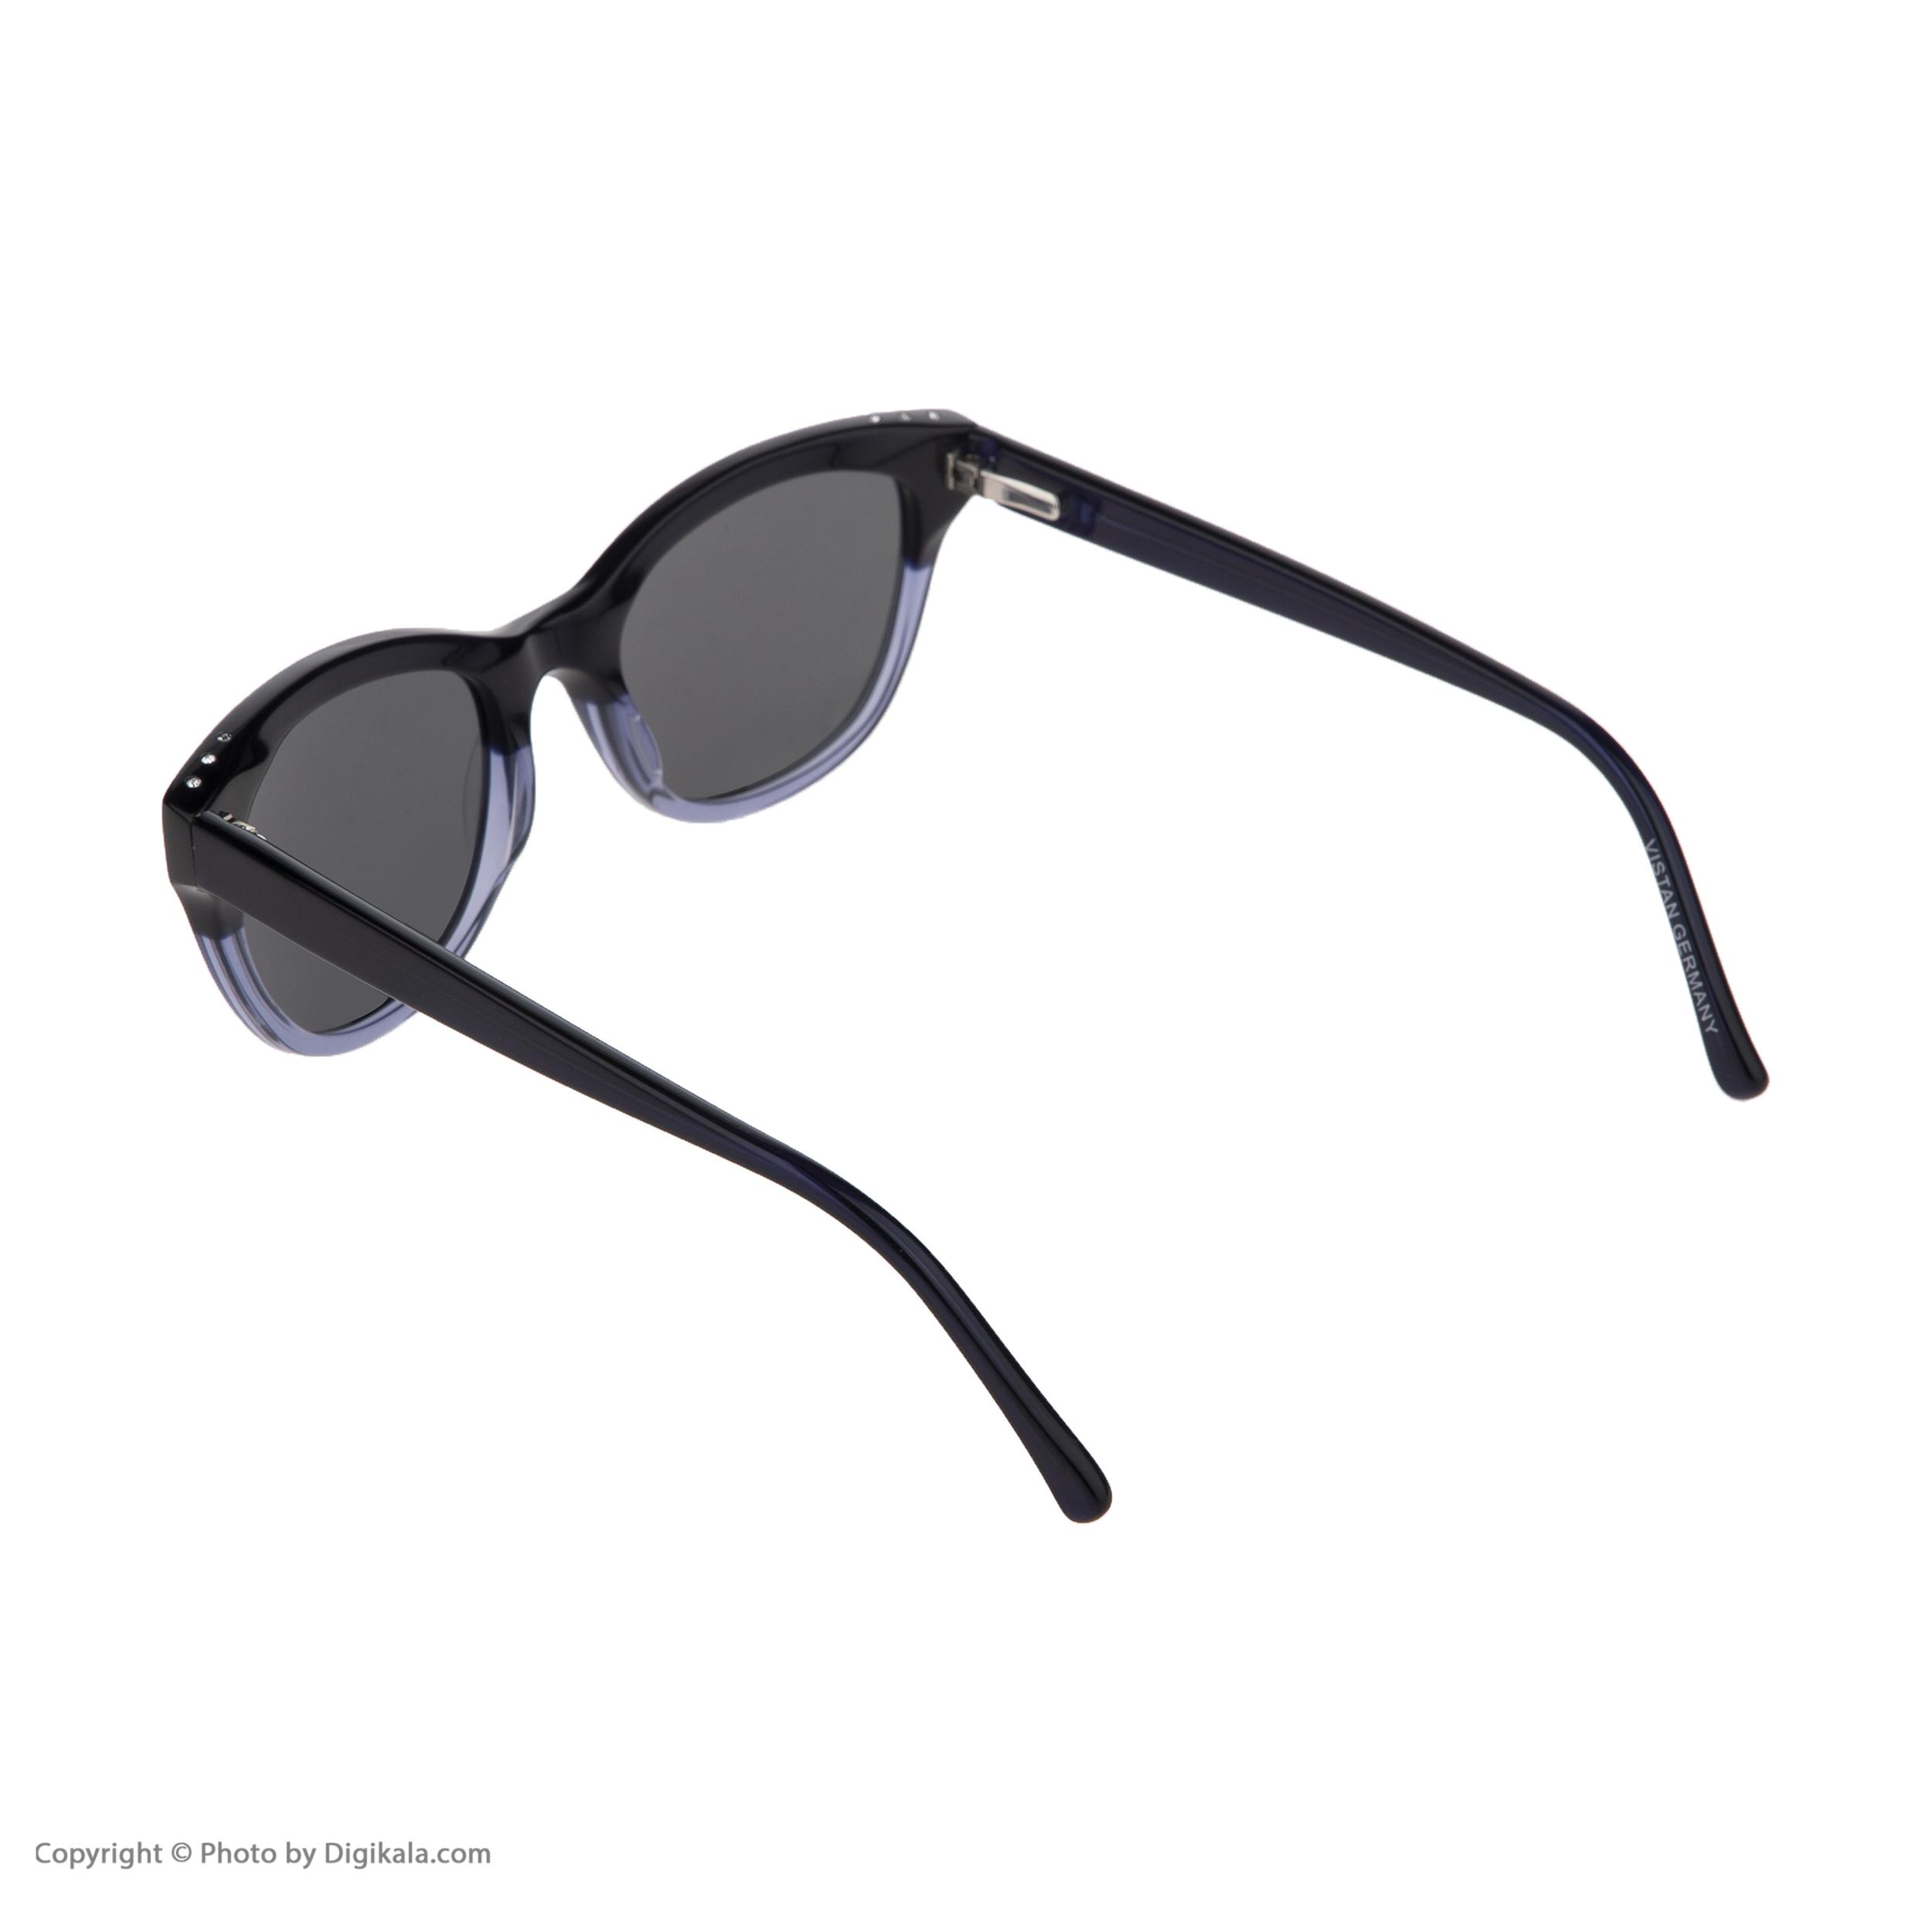 عینک آفتابی زنانه ویستان مدل 7994003 -  - 3